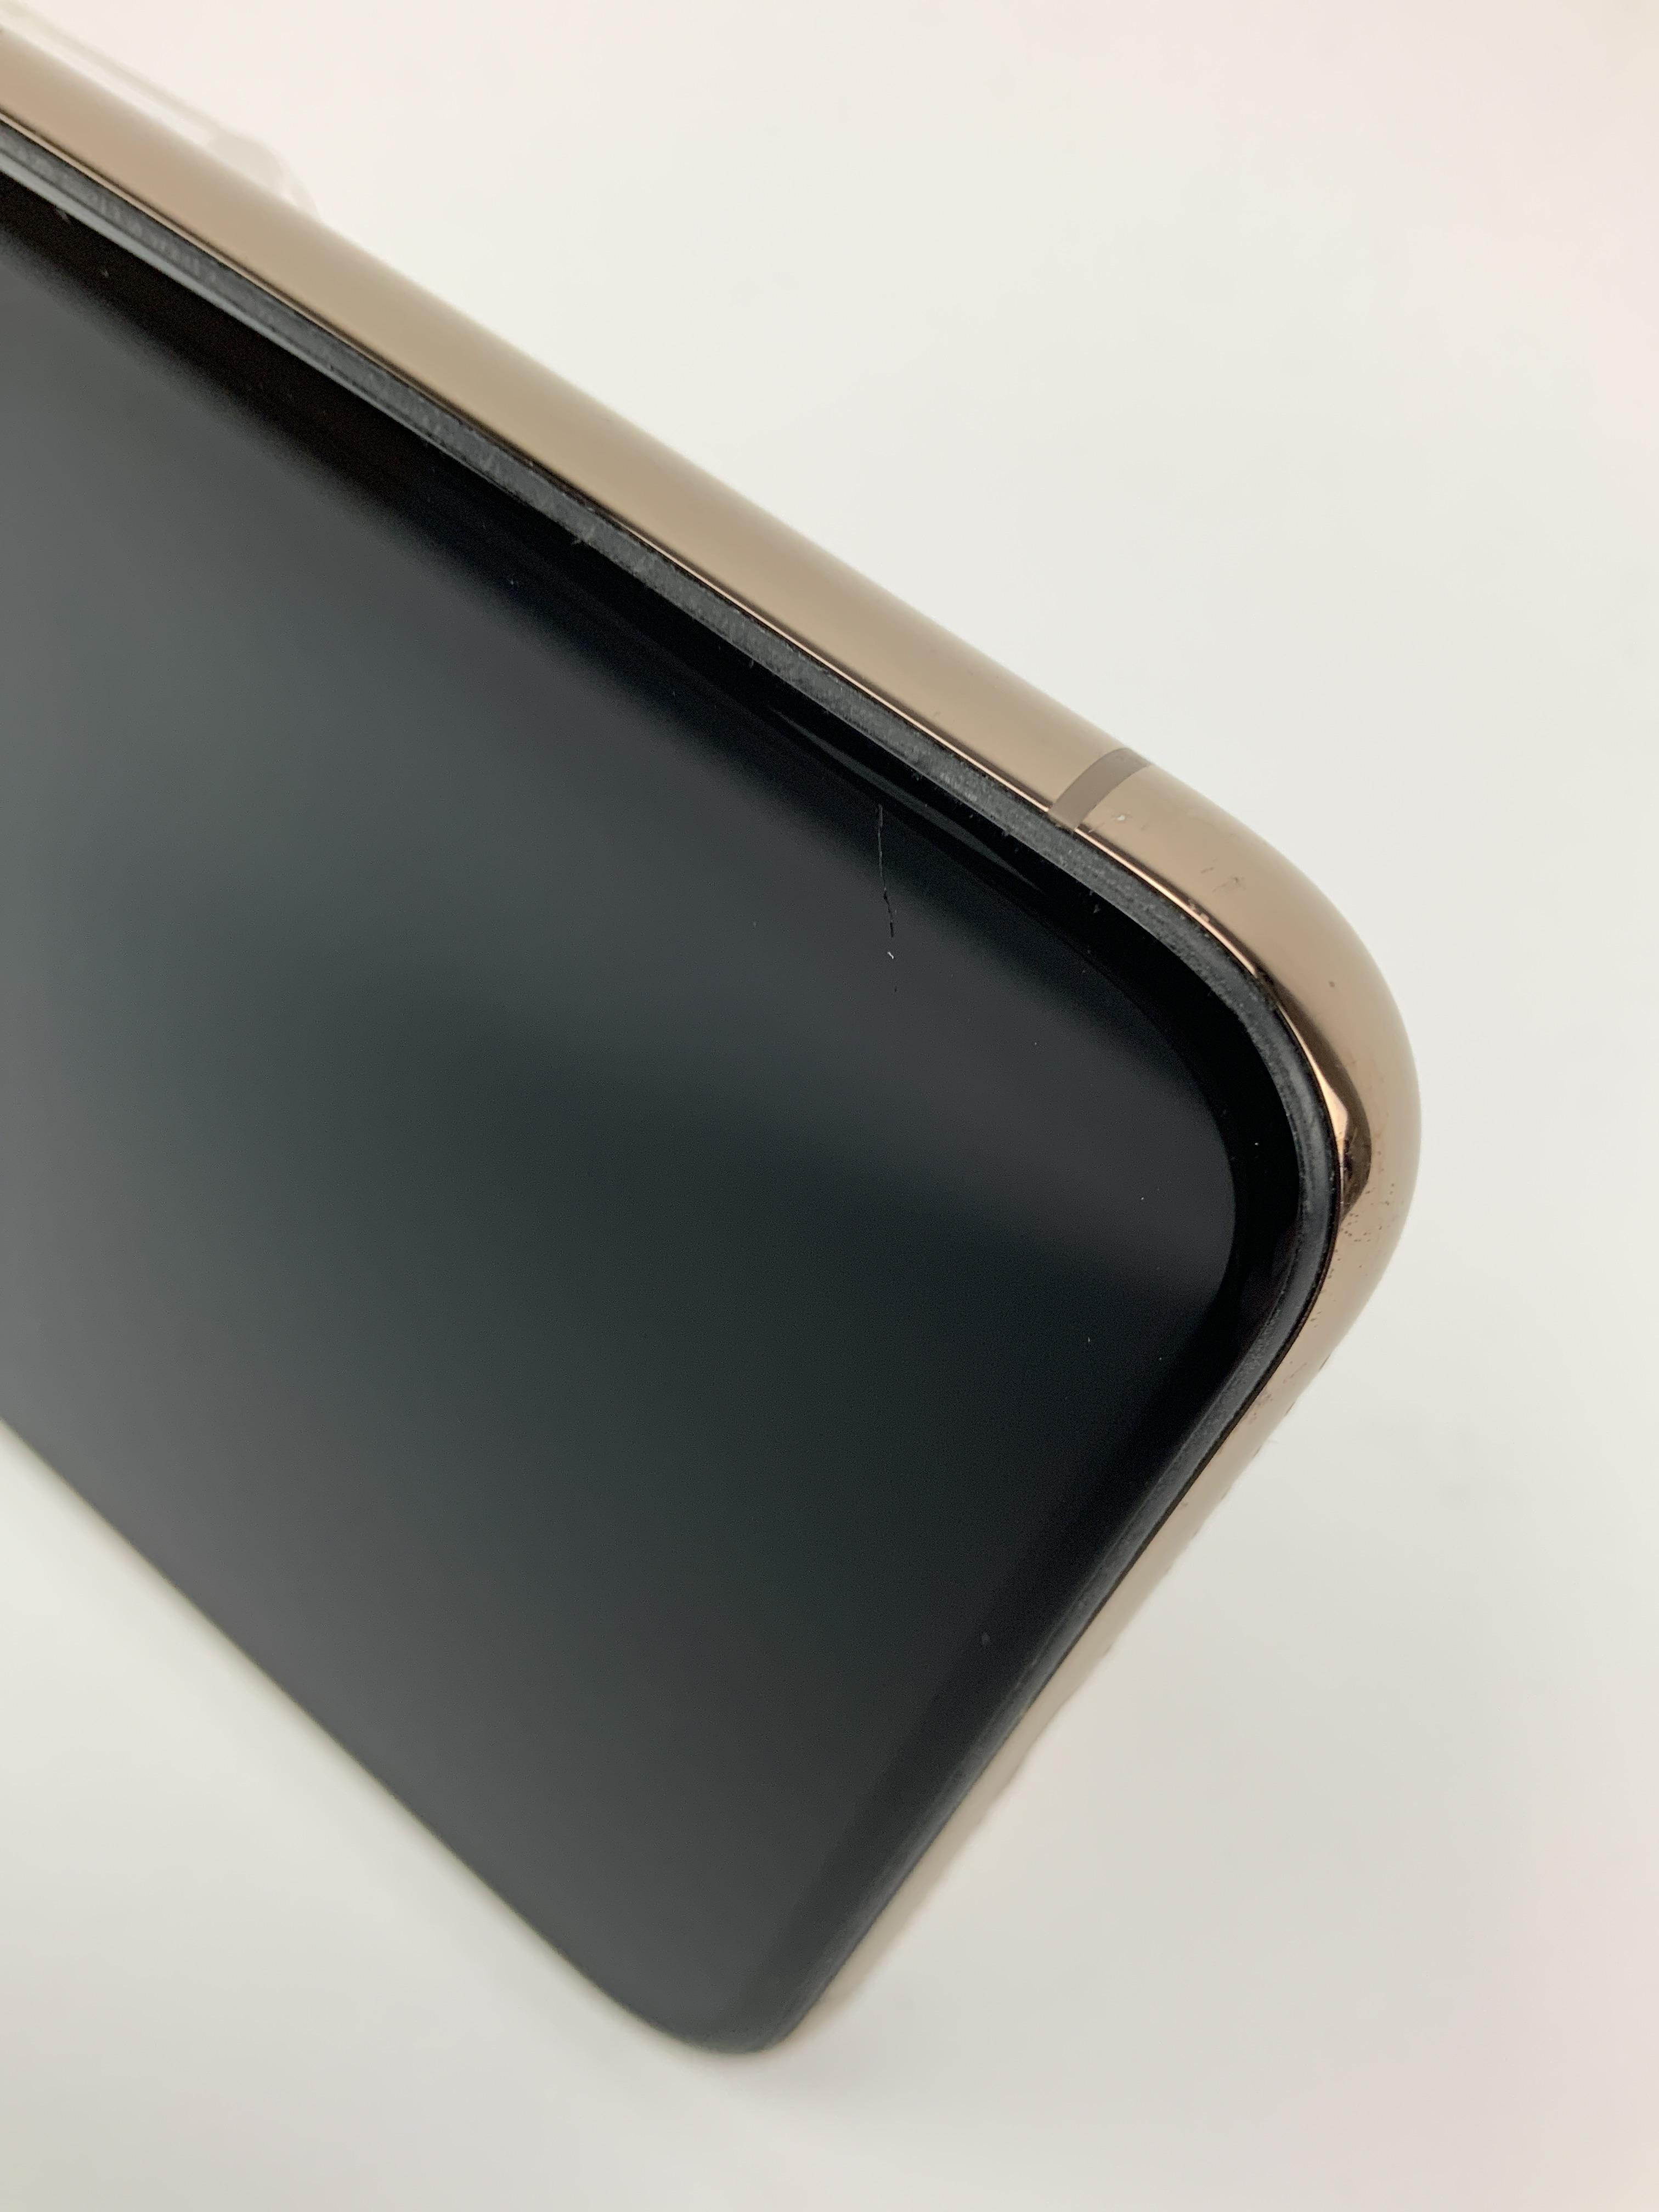 iPhone XS 64GB, 64GB, Gold, image 3